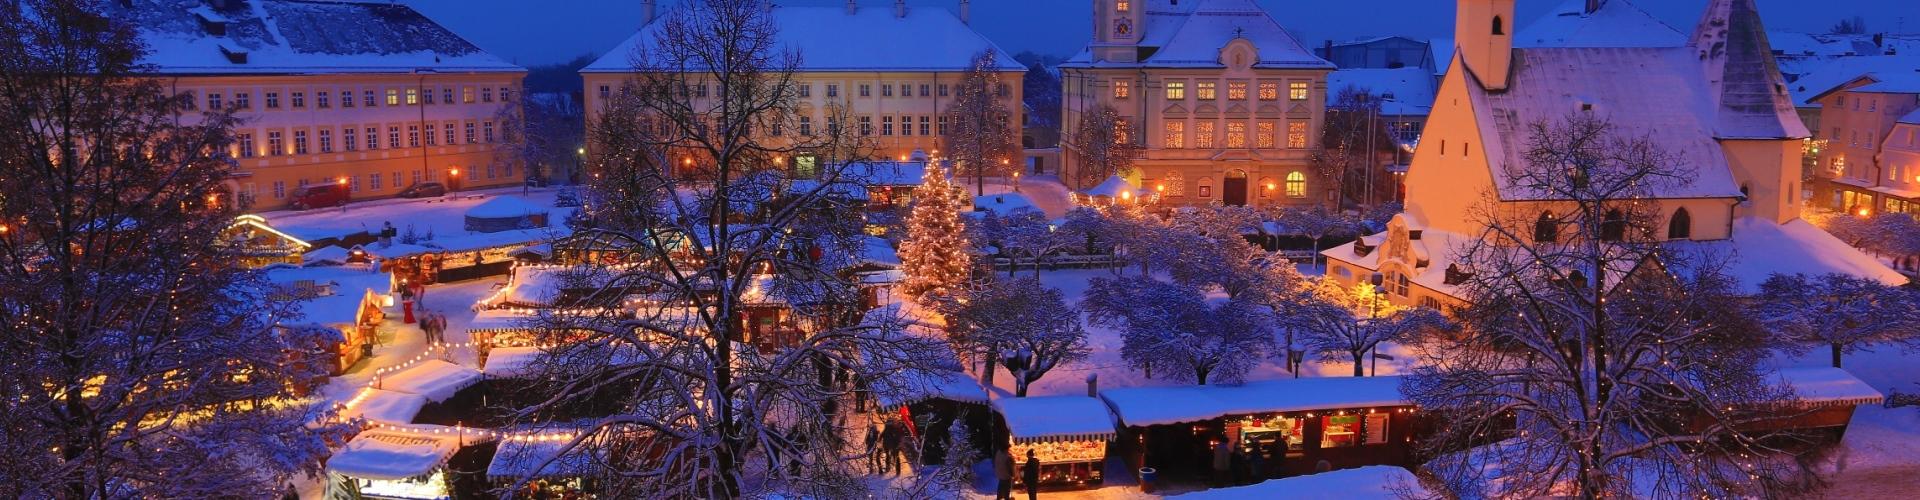 Weihnachtsmarkt Oberammergau.Altöttinger Christkindlmarkt Tourismus Altötting